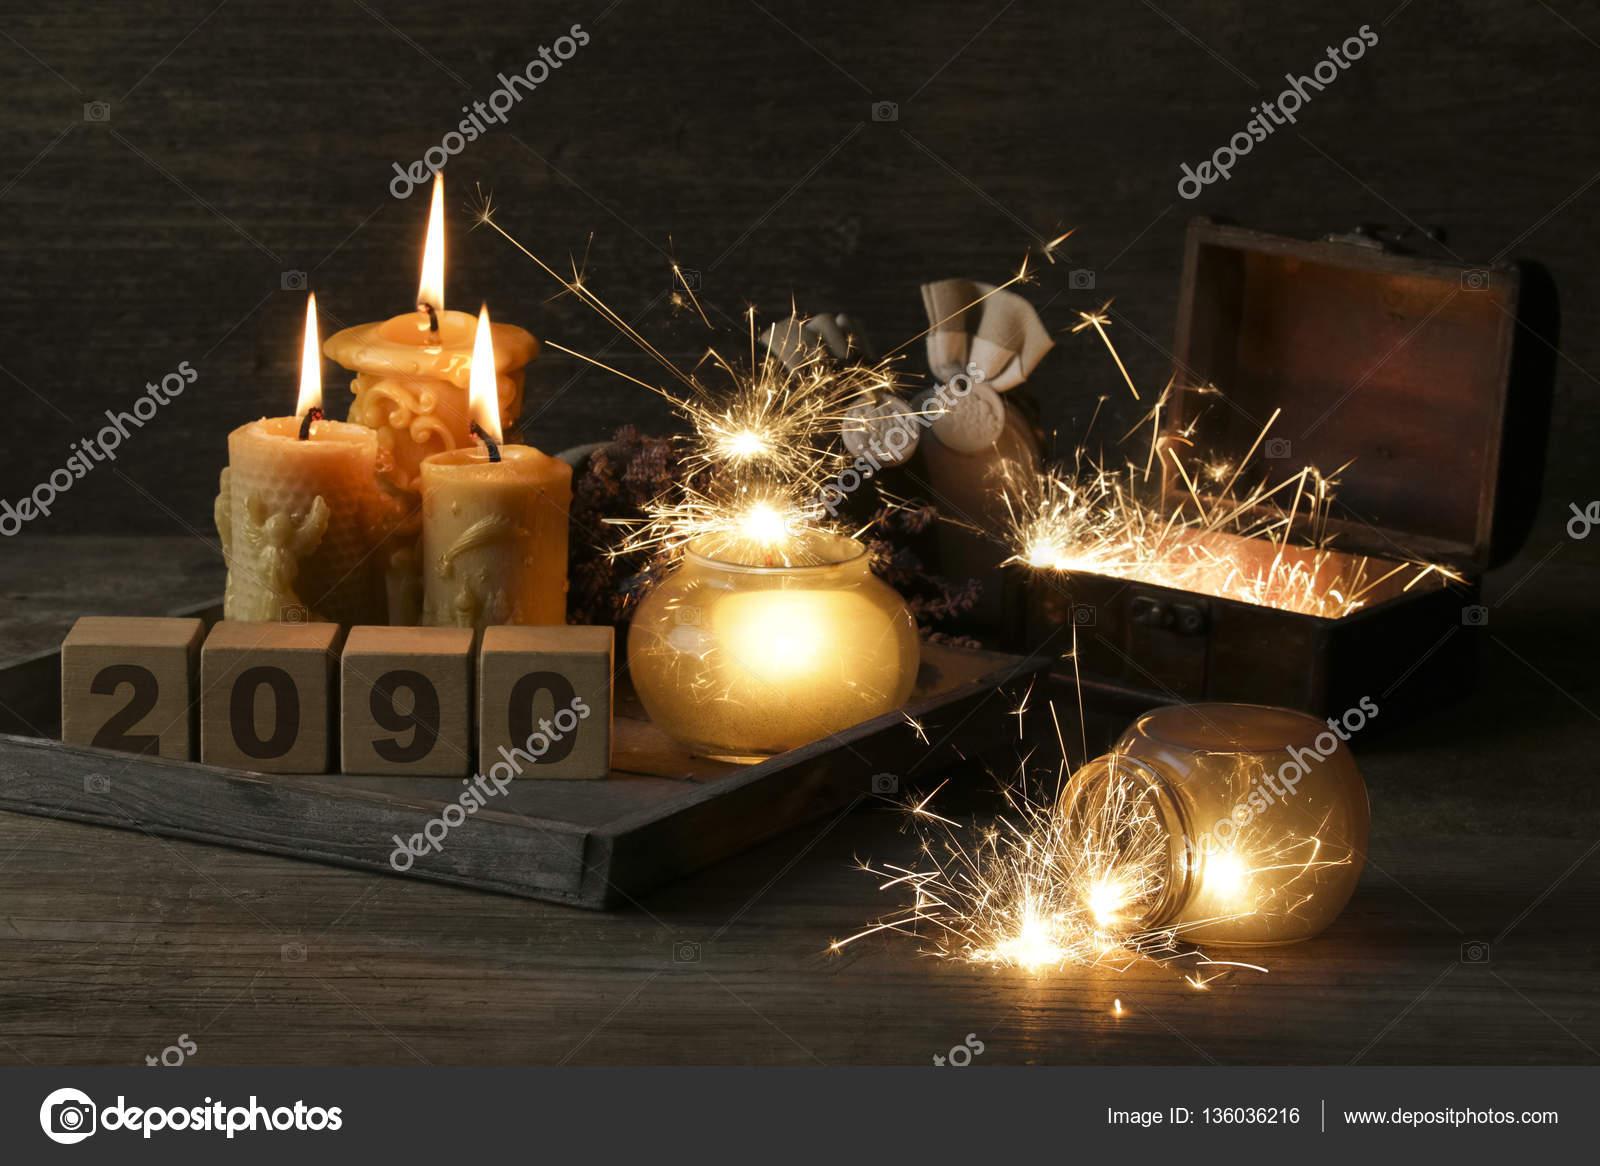 2090 en cubos sobre fondo de madera — Foto de inginsh